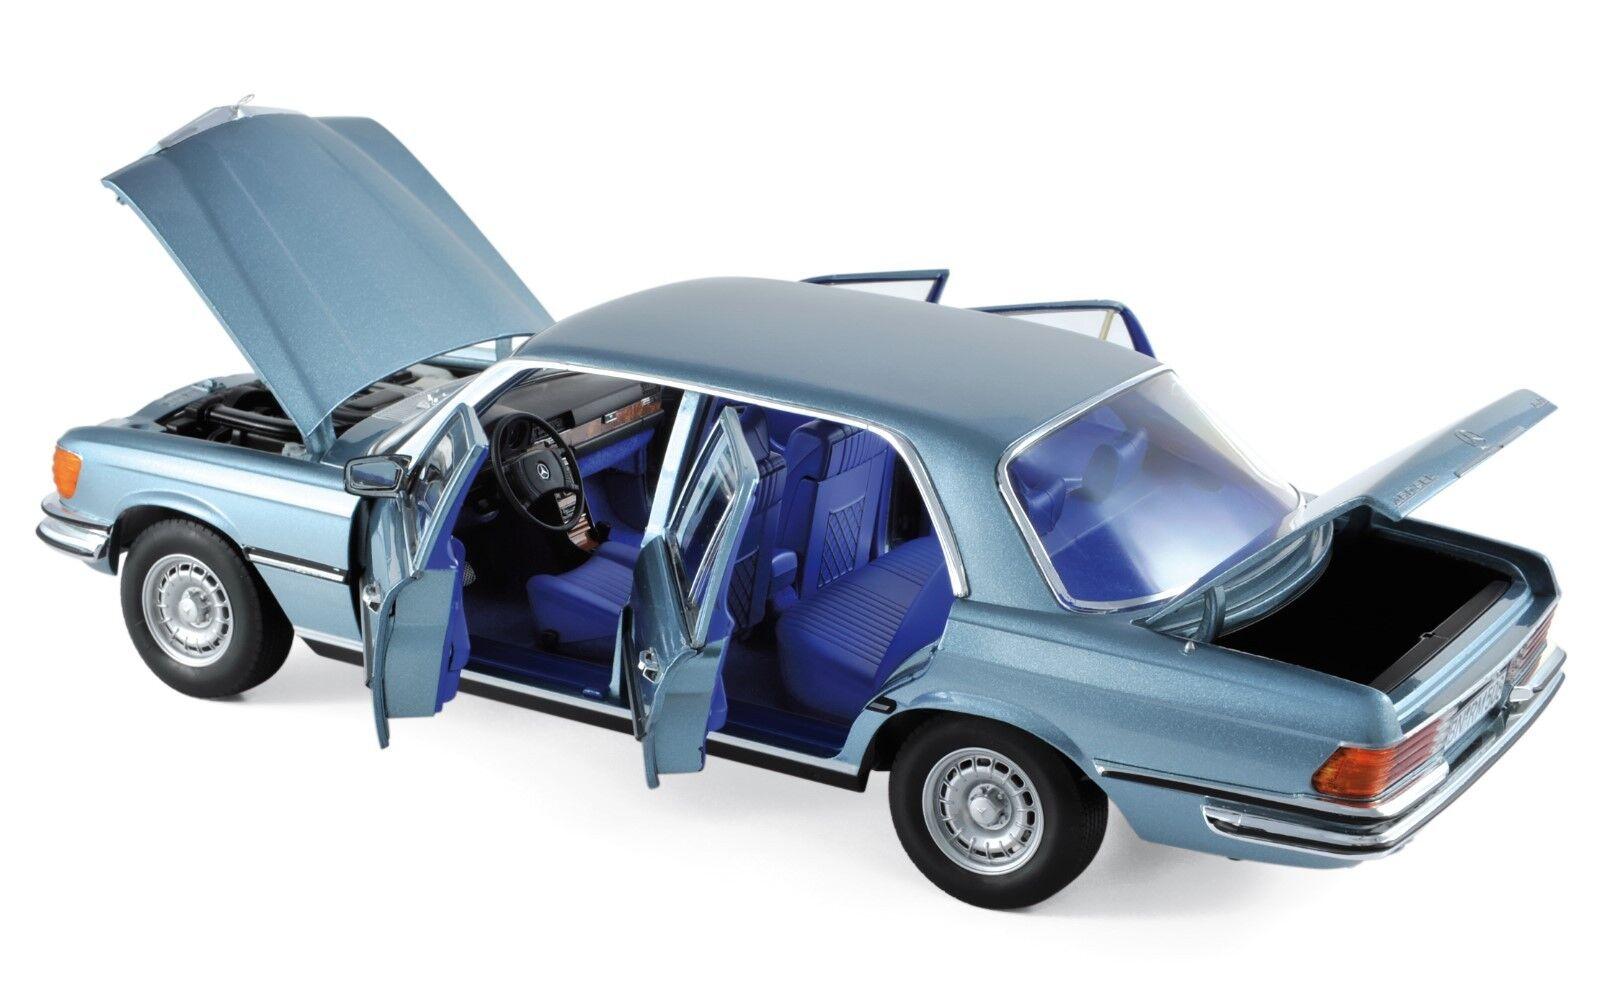 Mercedes-Benz 450  SEL 6.9 1976 arrivais met 1 18 Norev 183457 NOUVEAU & NEUF dans sa boîte  est réduit